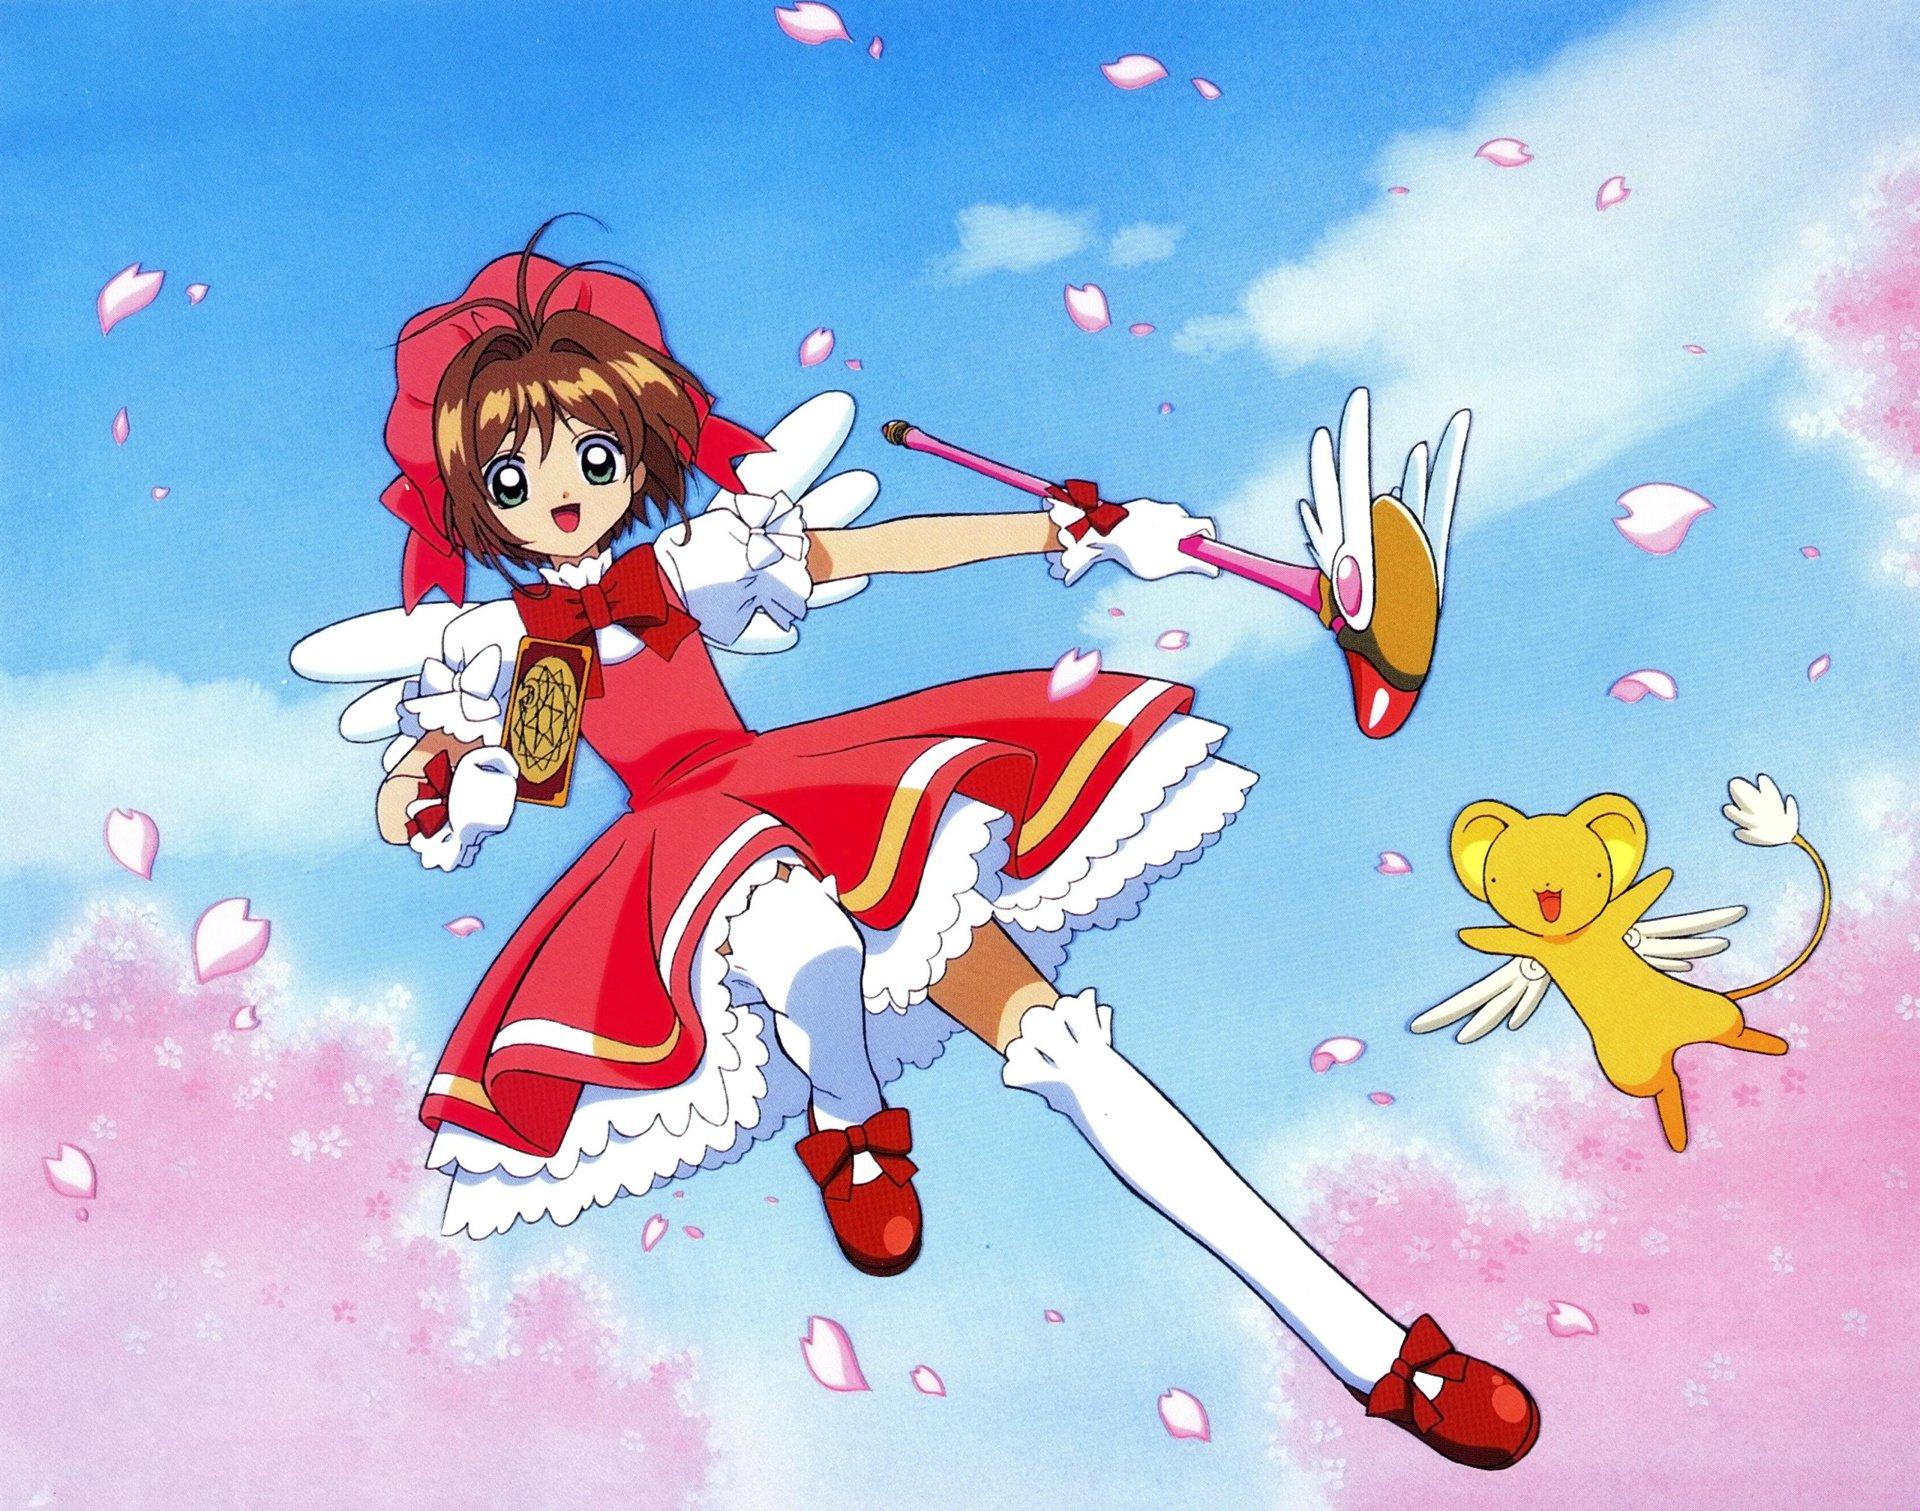 Sakura Kinomoto là một nhân vật hoạt hình Anime nổi tiếng mà những fan hâm mộ của Anime hầu như không ai là không biết đến.